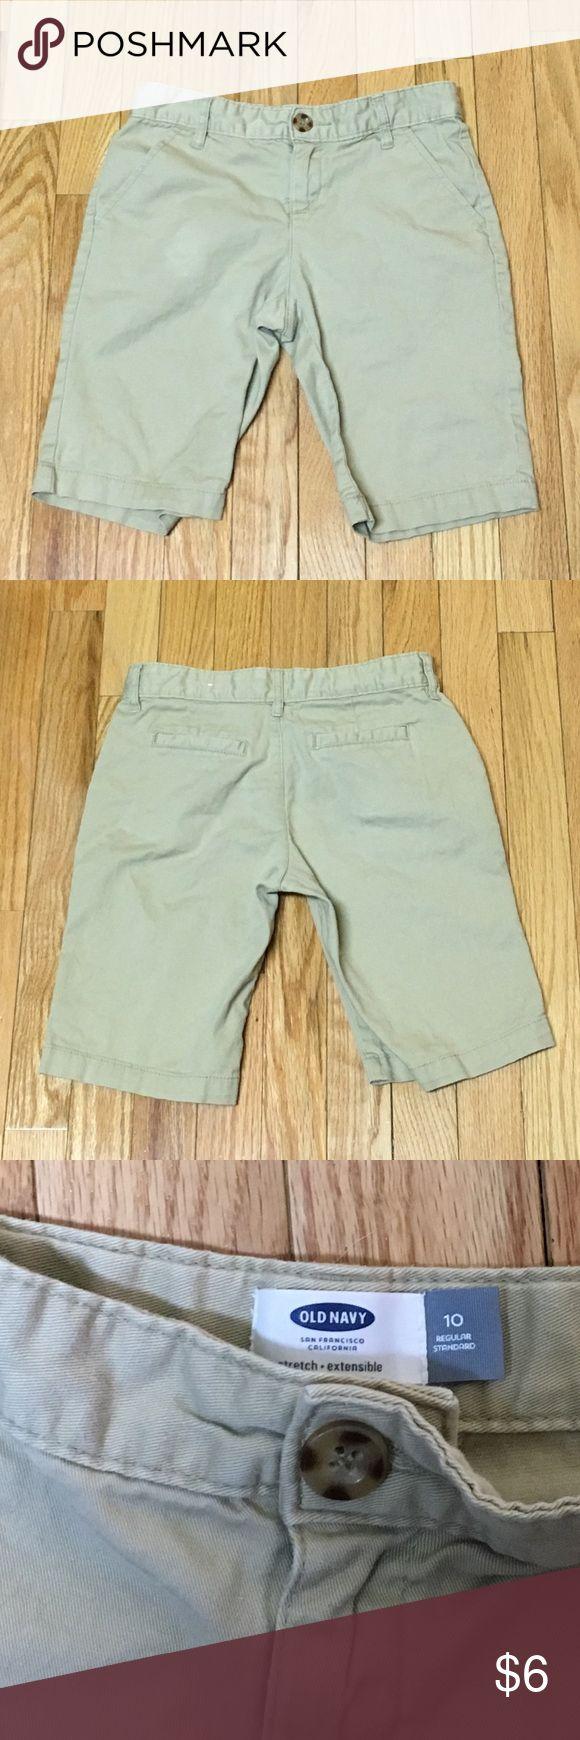 Old Navy Girls Size 10 khaki shorts Old Navy Girls Size 10 khaki shorts with adjustable waist band! Old Navy Bottoms Shorts